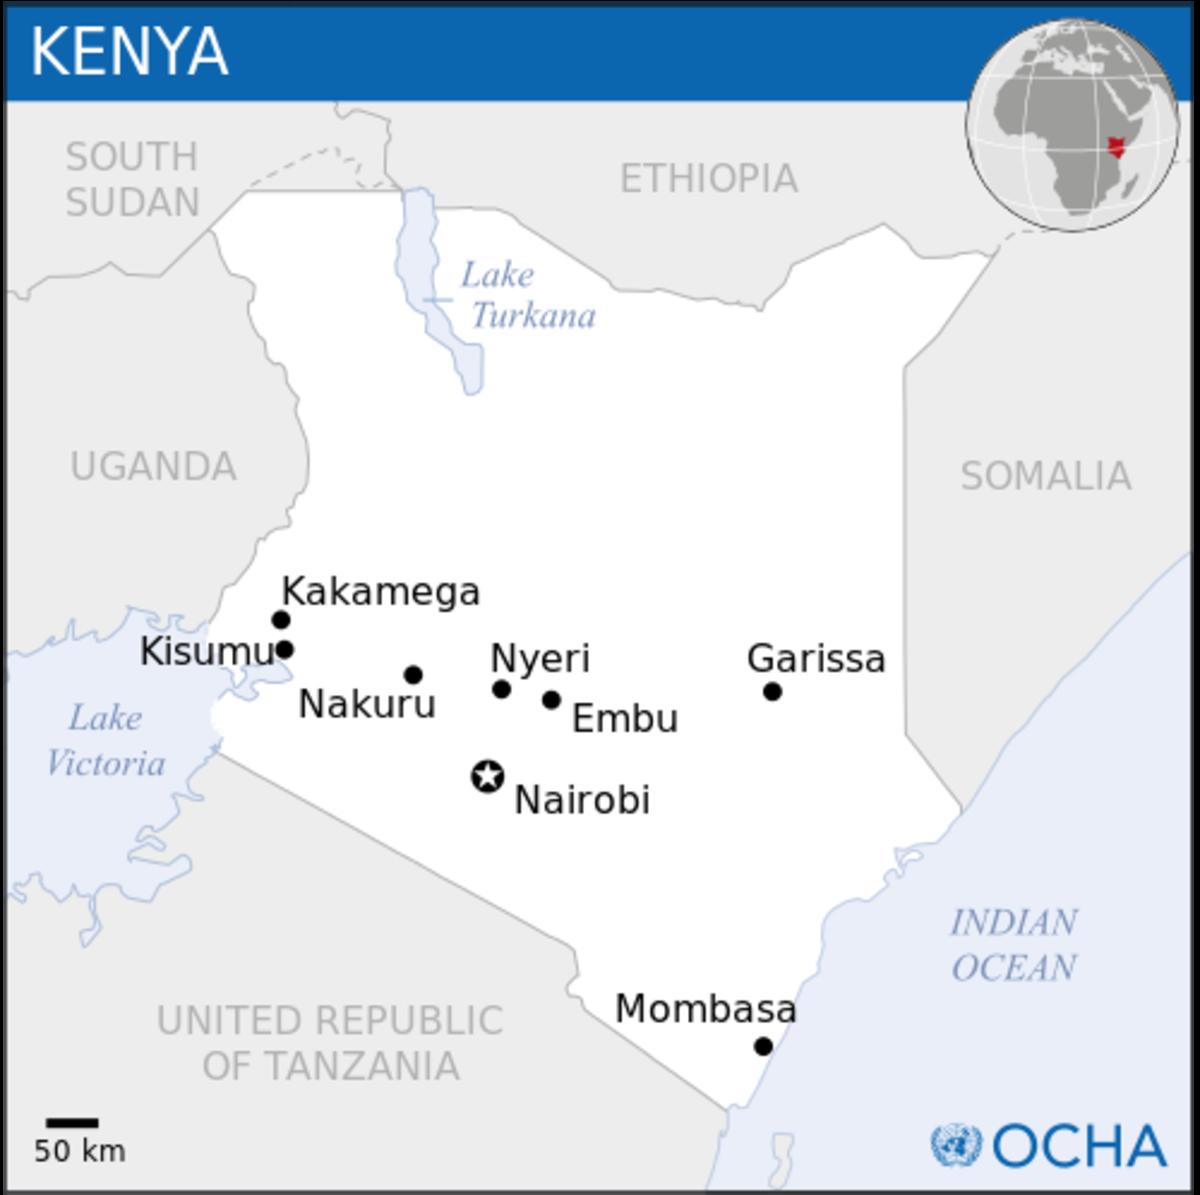 Locator map of Kenya.